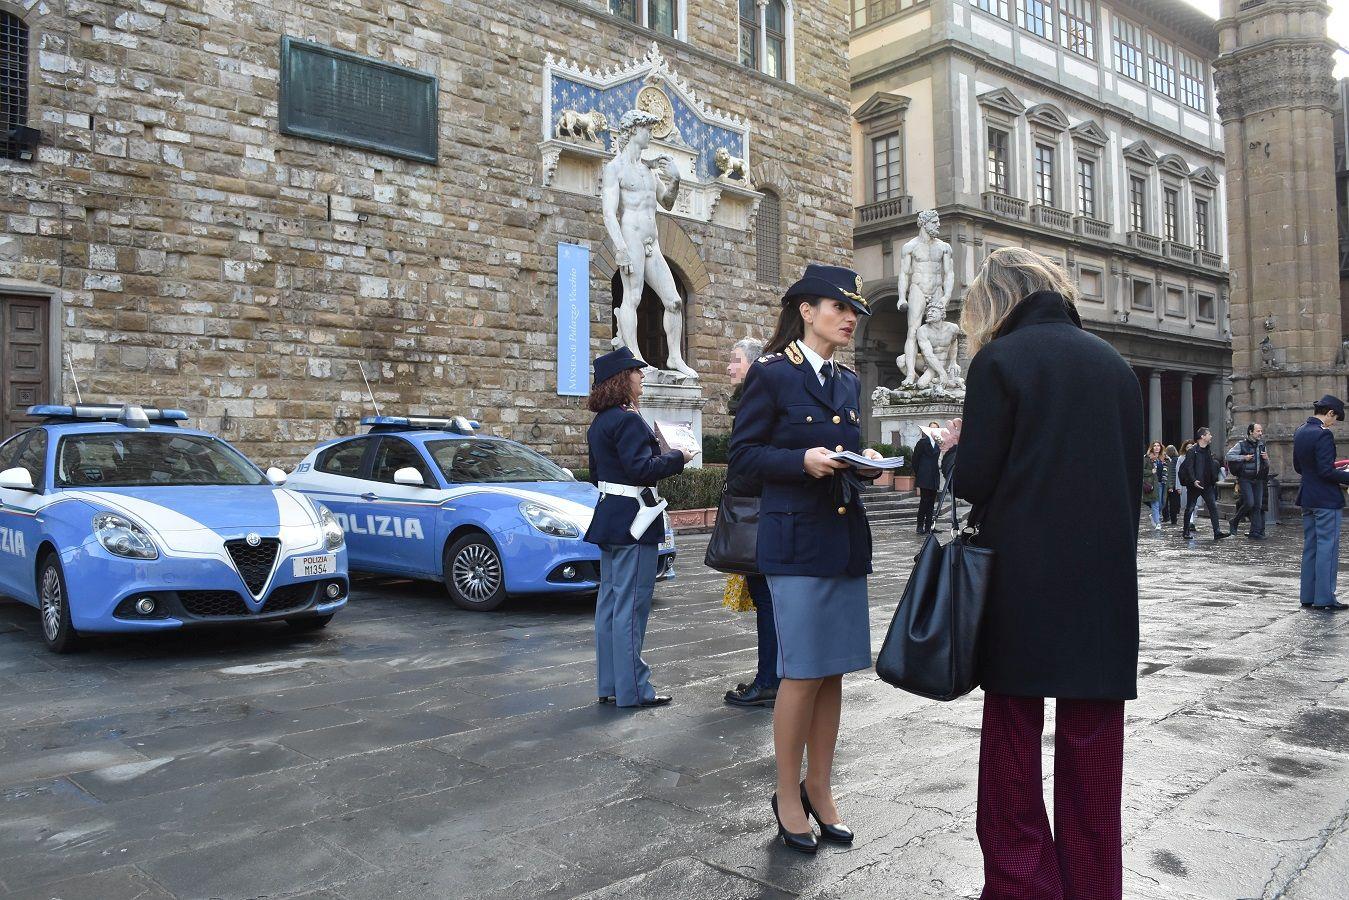 Polizia di stato questure sul web firenze for Polizia di soggiorno